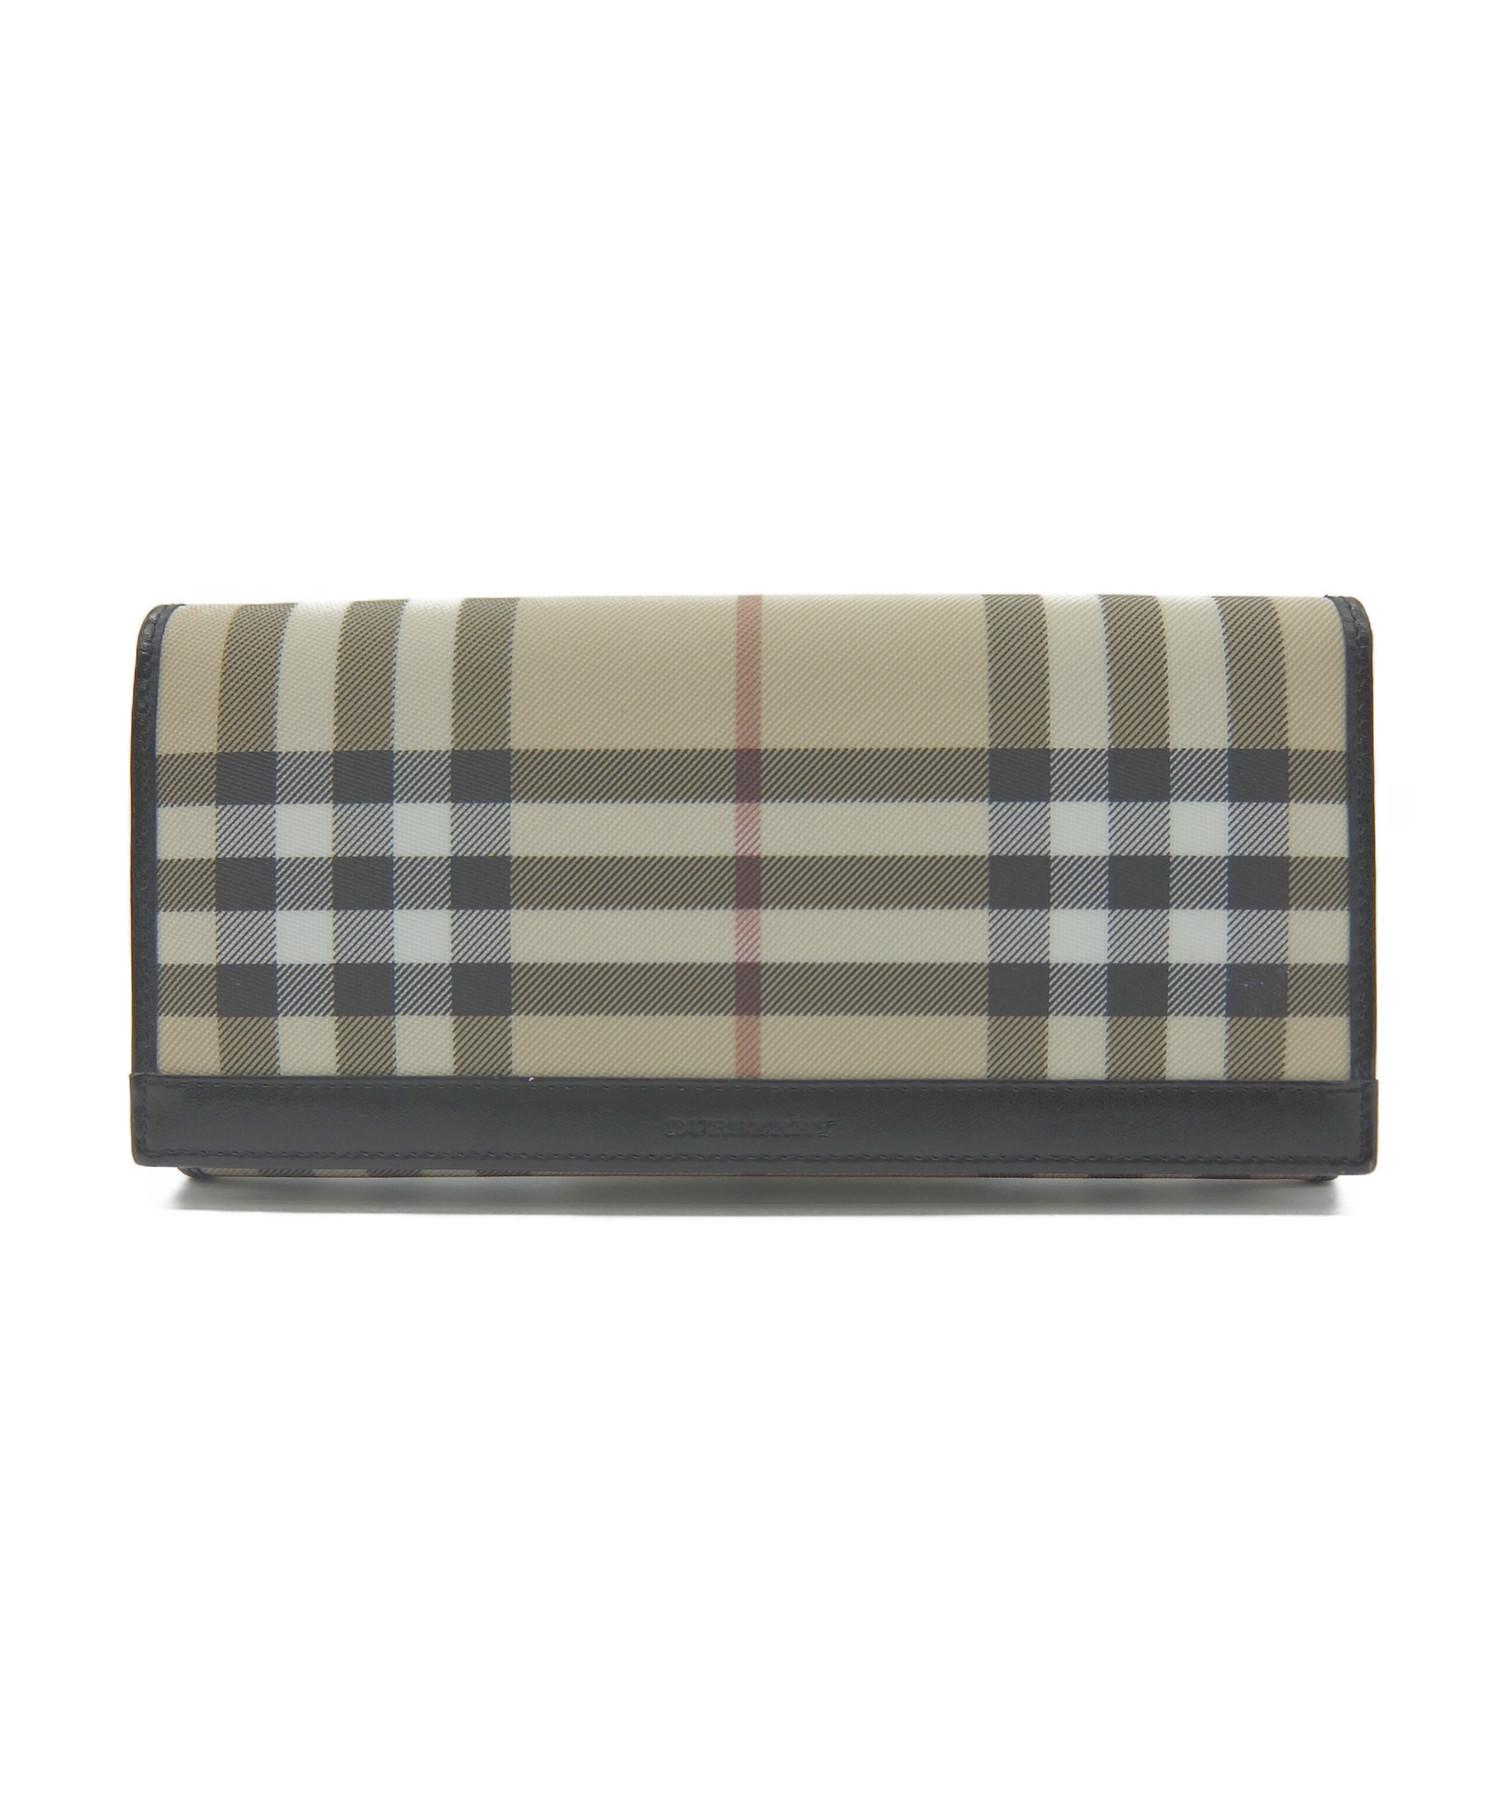 on sale e4f4a 79f0e [中古]BURBERRY(バーバリー)のレディース 服飾小物 長財布